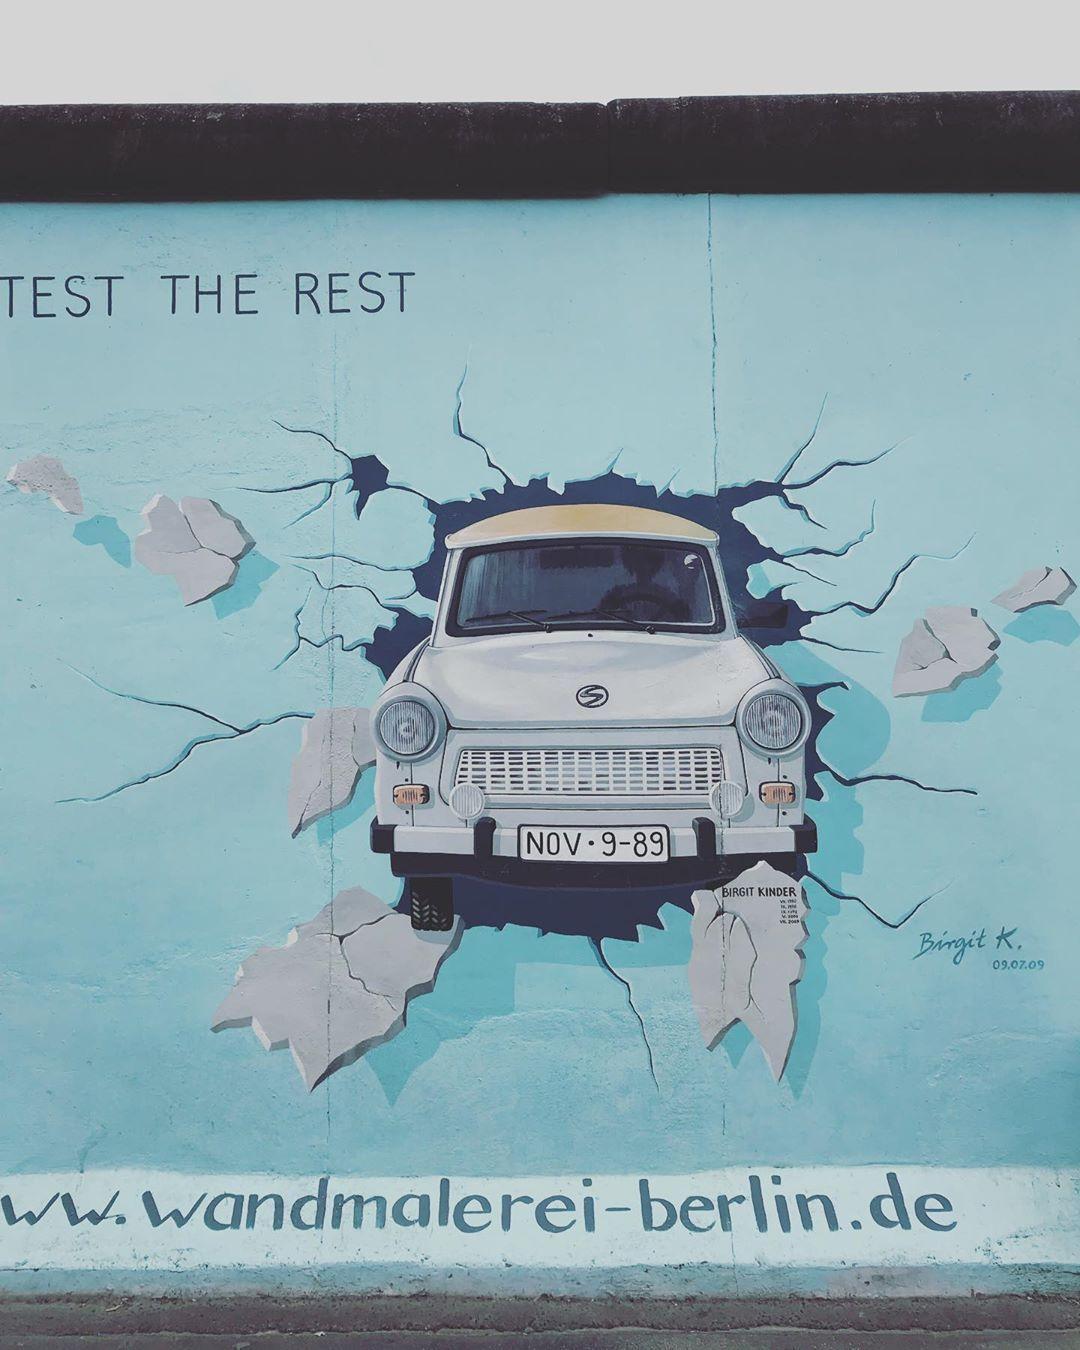 Mur de berlin.  break  throught  car  berlin  wall  nomansland  1989  culture  art  travel  destinationdelta #murdeberlin Mur de berlin.  break  throught  car  berlin  wall  nomansland  1989  culture  art  travel  destinationdelta #murdeberlin Mur de berlin.  break  throught  car  berlin  wall  nomansland  1989  culture  art  travel  destinationdelta #murdeberlin Mur de berlin.  break  throught  car  berlin  wall  nomansland  1989  culture  art  travel  destinationdelta #murdeberlin